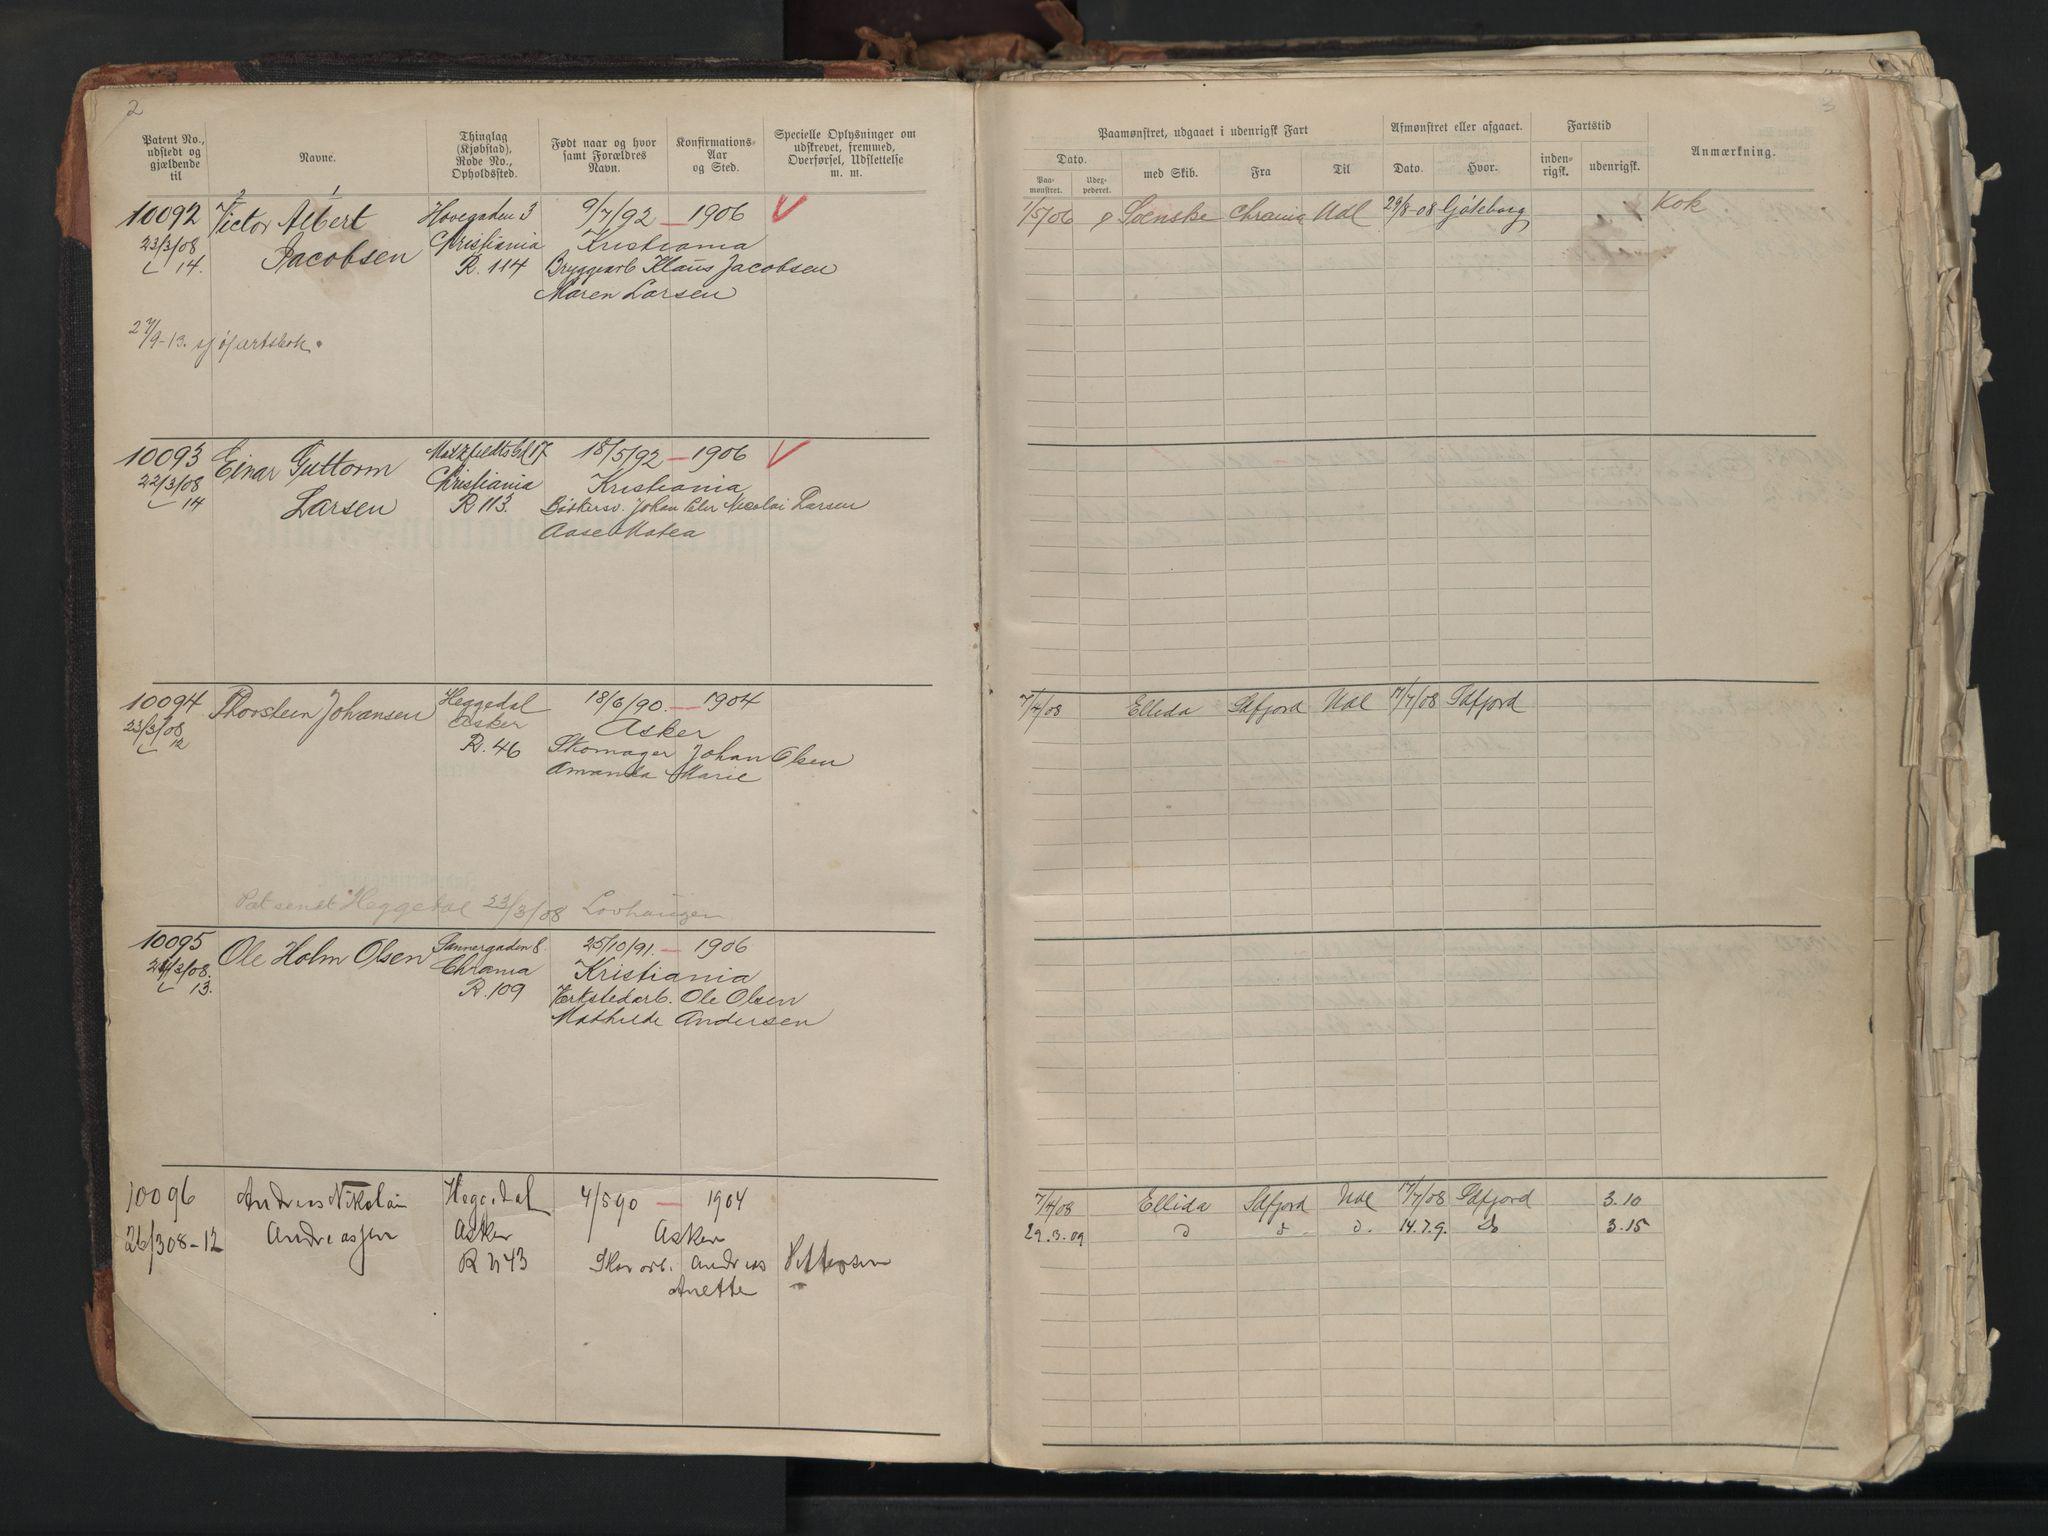 SAO, Oslo sjømannskontor, F/Fb/L0001: Annotasjonsrulle, 1908-1938, s. 2-3